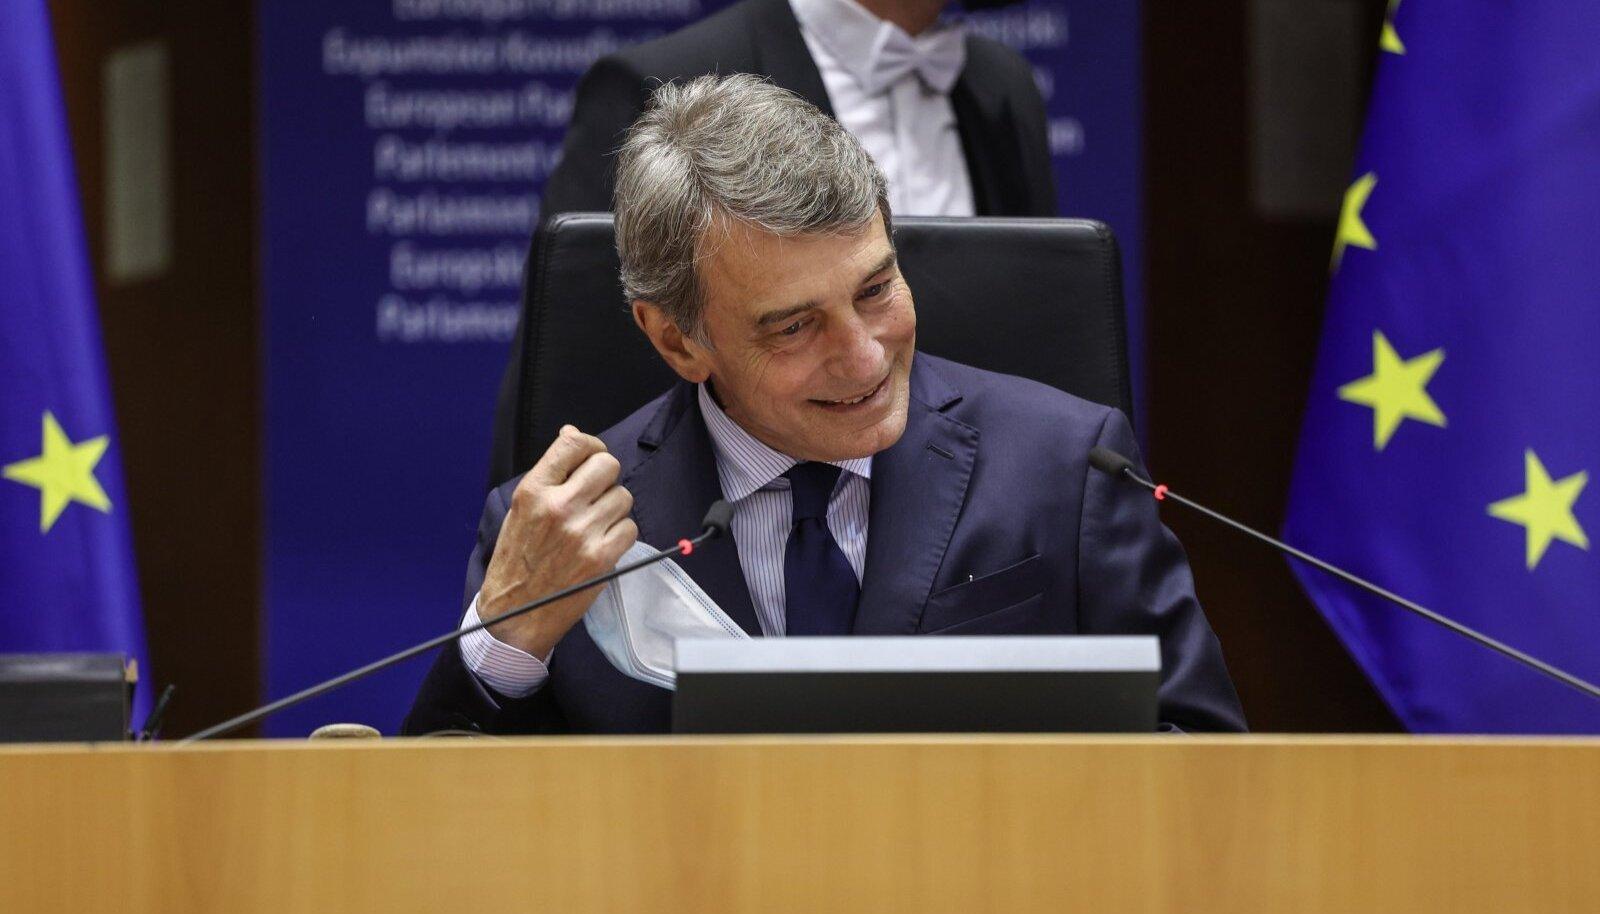 Koroonapandeemia on paljudele eurooplastele näidanud, et üheskoos tegutsedes oleme tugevamad, leiab Euroopa Parlamendi president David Sassoli.